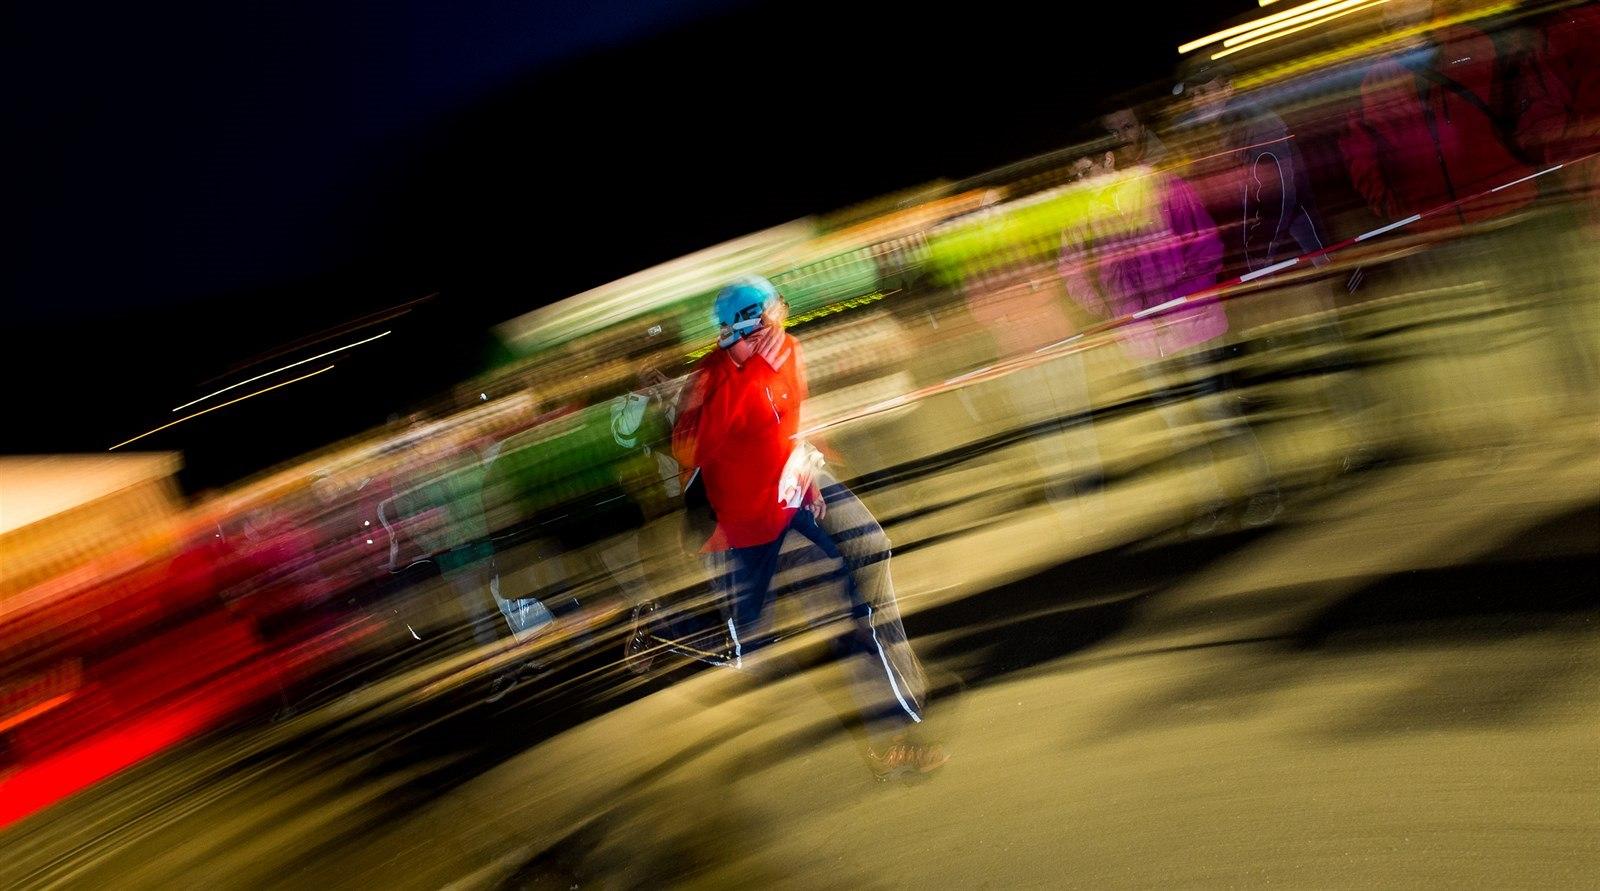 Noční fotografie zachycená pomocí tzv. panningu. Výsledkem je relativně  ostrý běžec a rozmazané pozadí d8bdc37550